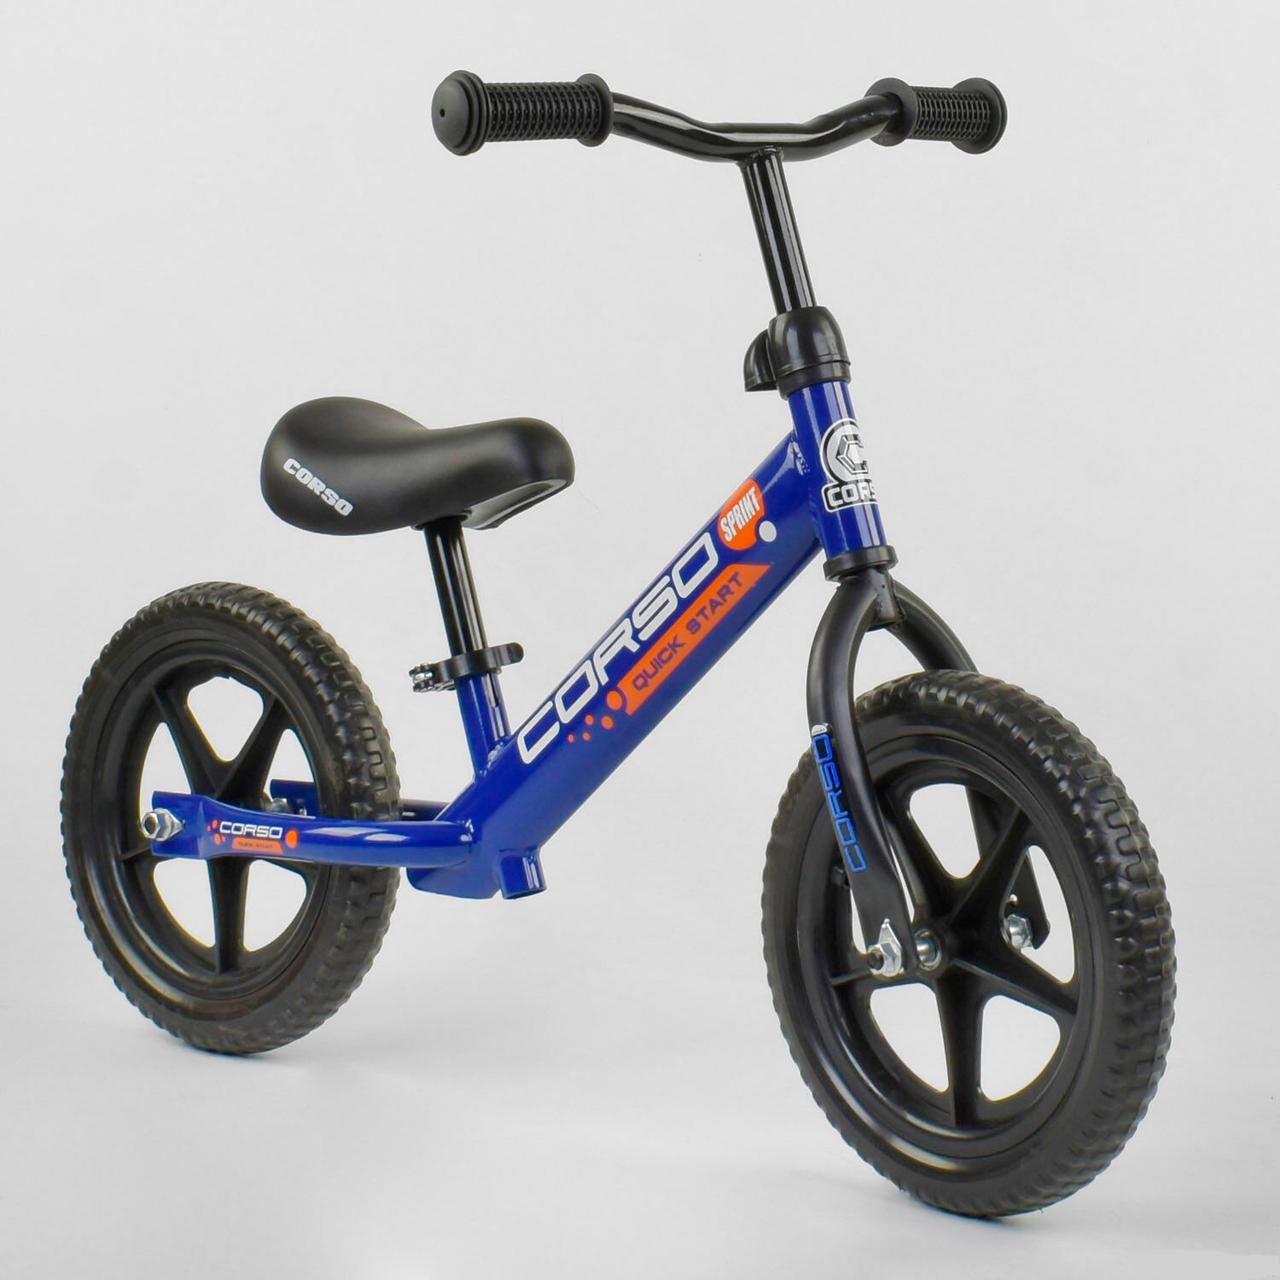 """Беговел CORSO велобіг від дитячий синій, сталева рама, колесо 12"""" велосипед без педалей"""